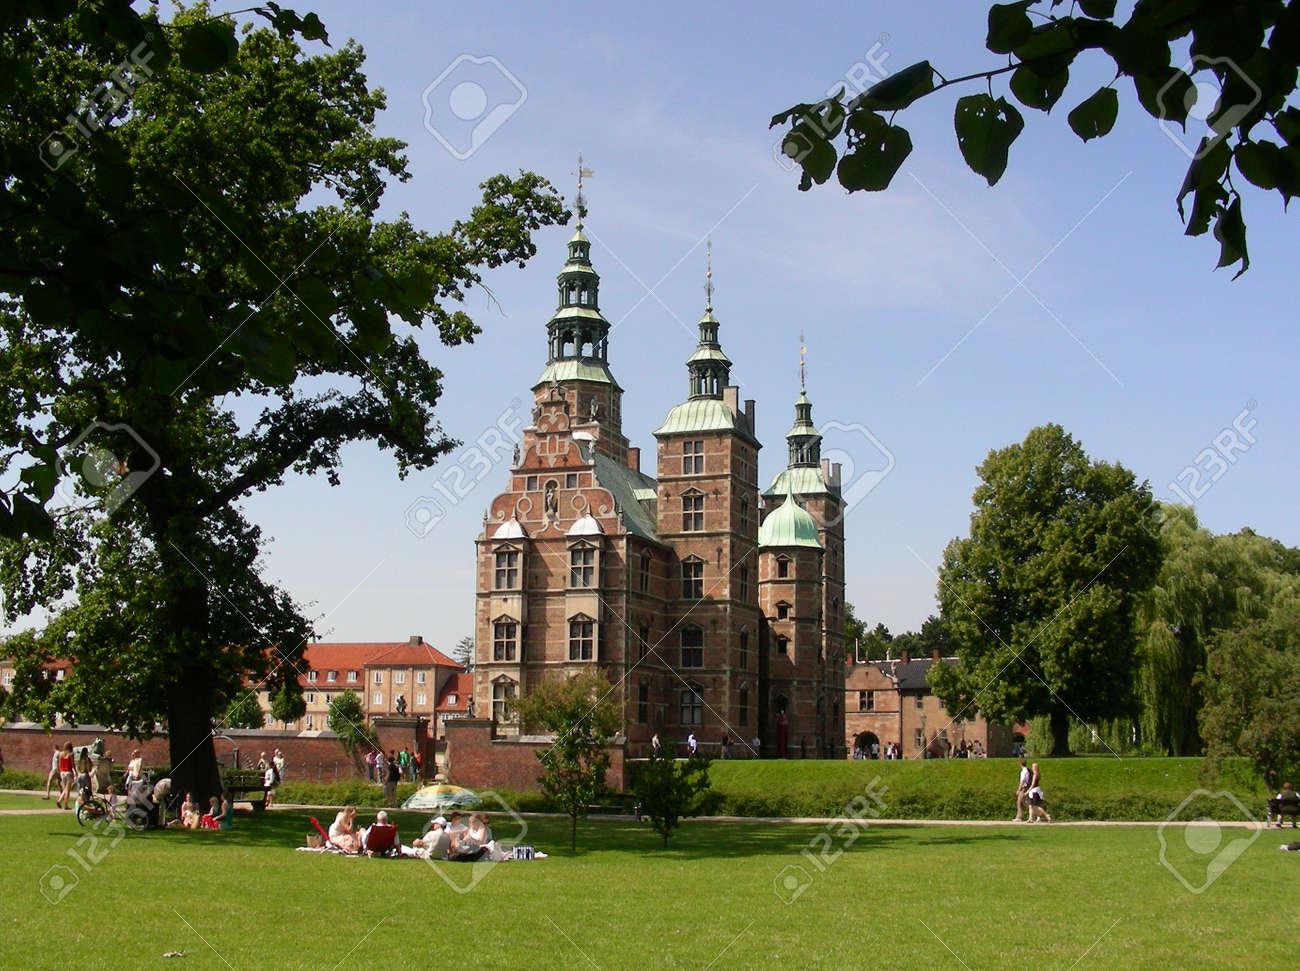 Rosenborg Castle In Copenhagen Seen From Kings Garden Stock Photo